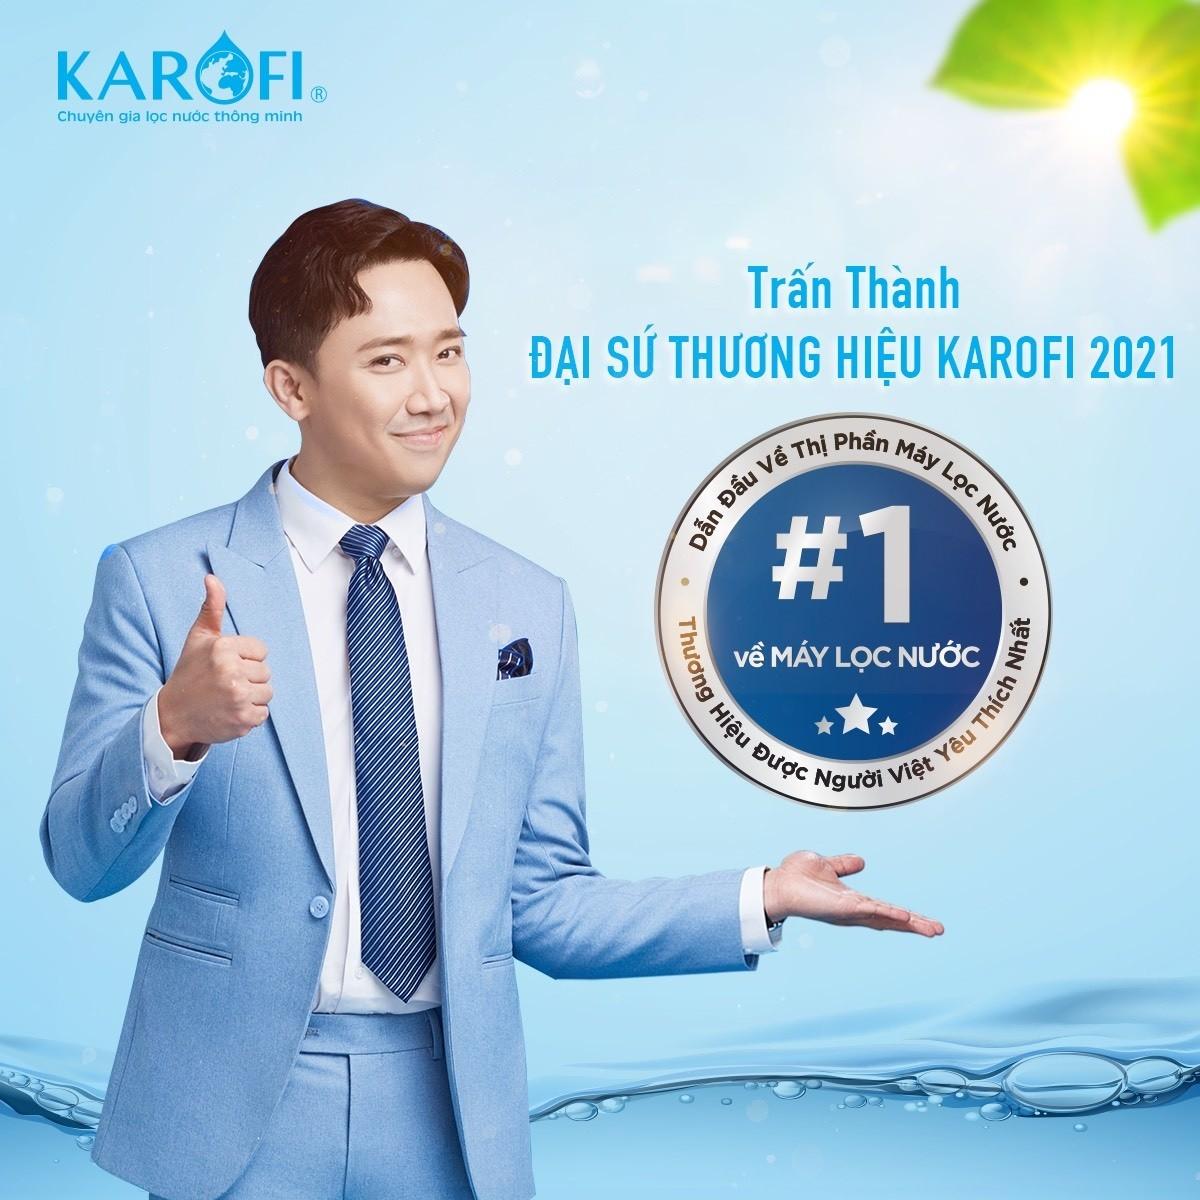 tran-thanh-dong-hanh-cung-karofi-tro-thanh-dai-su-dai-su-thuong-hieu-1